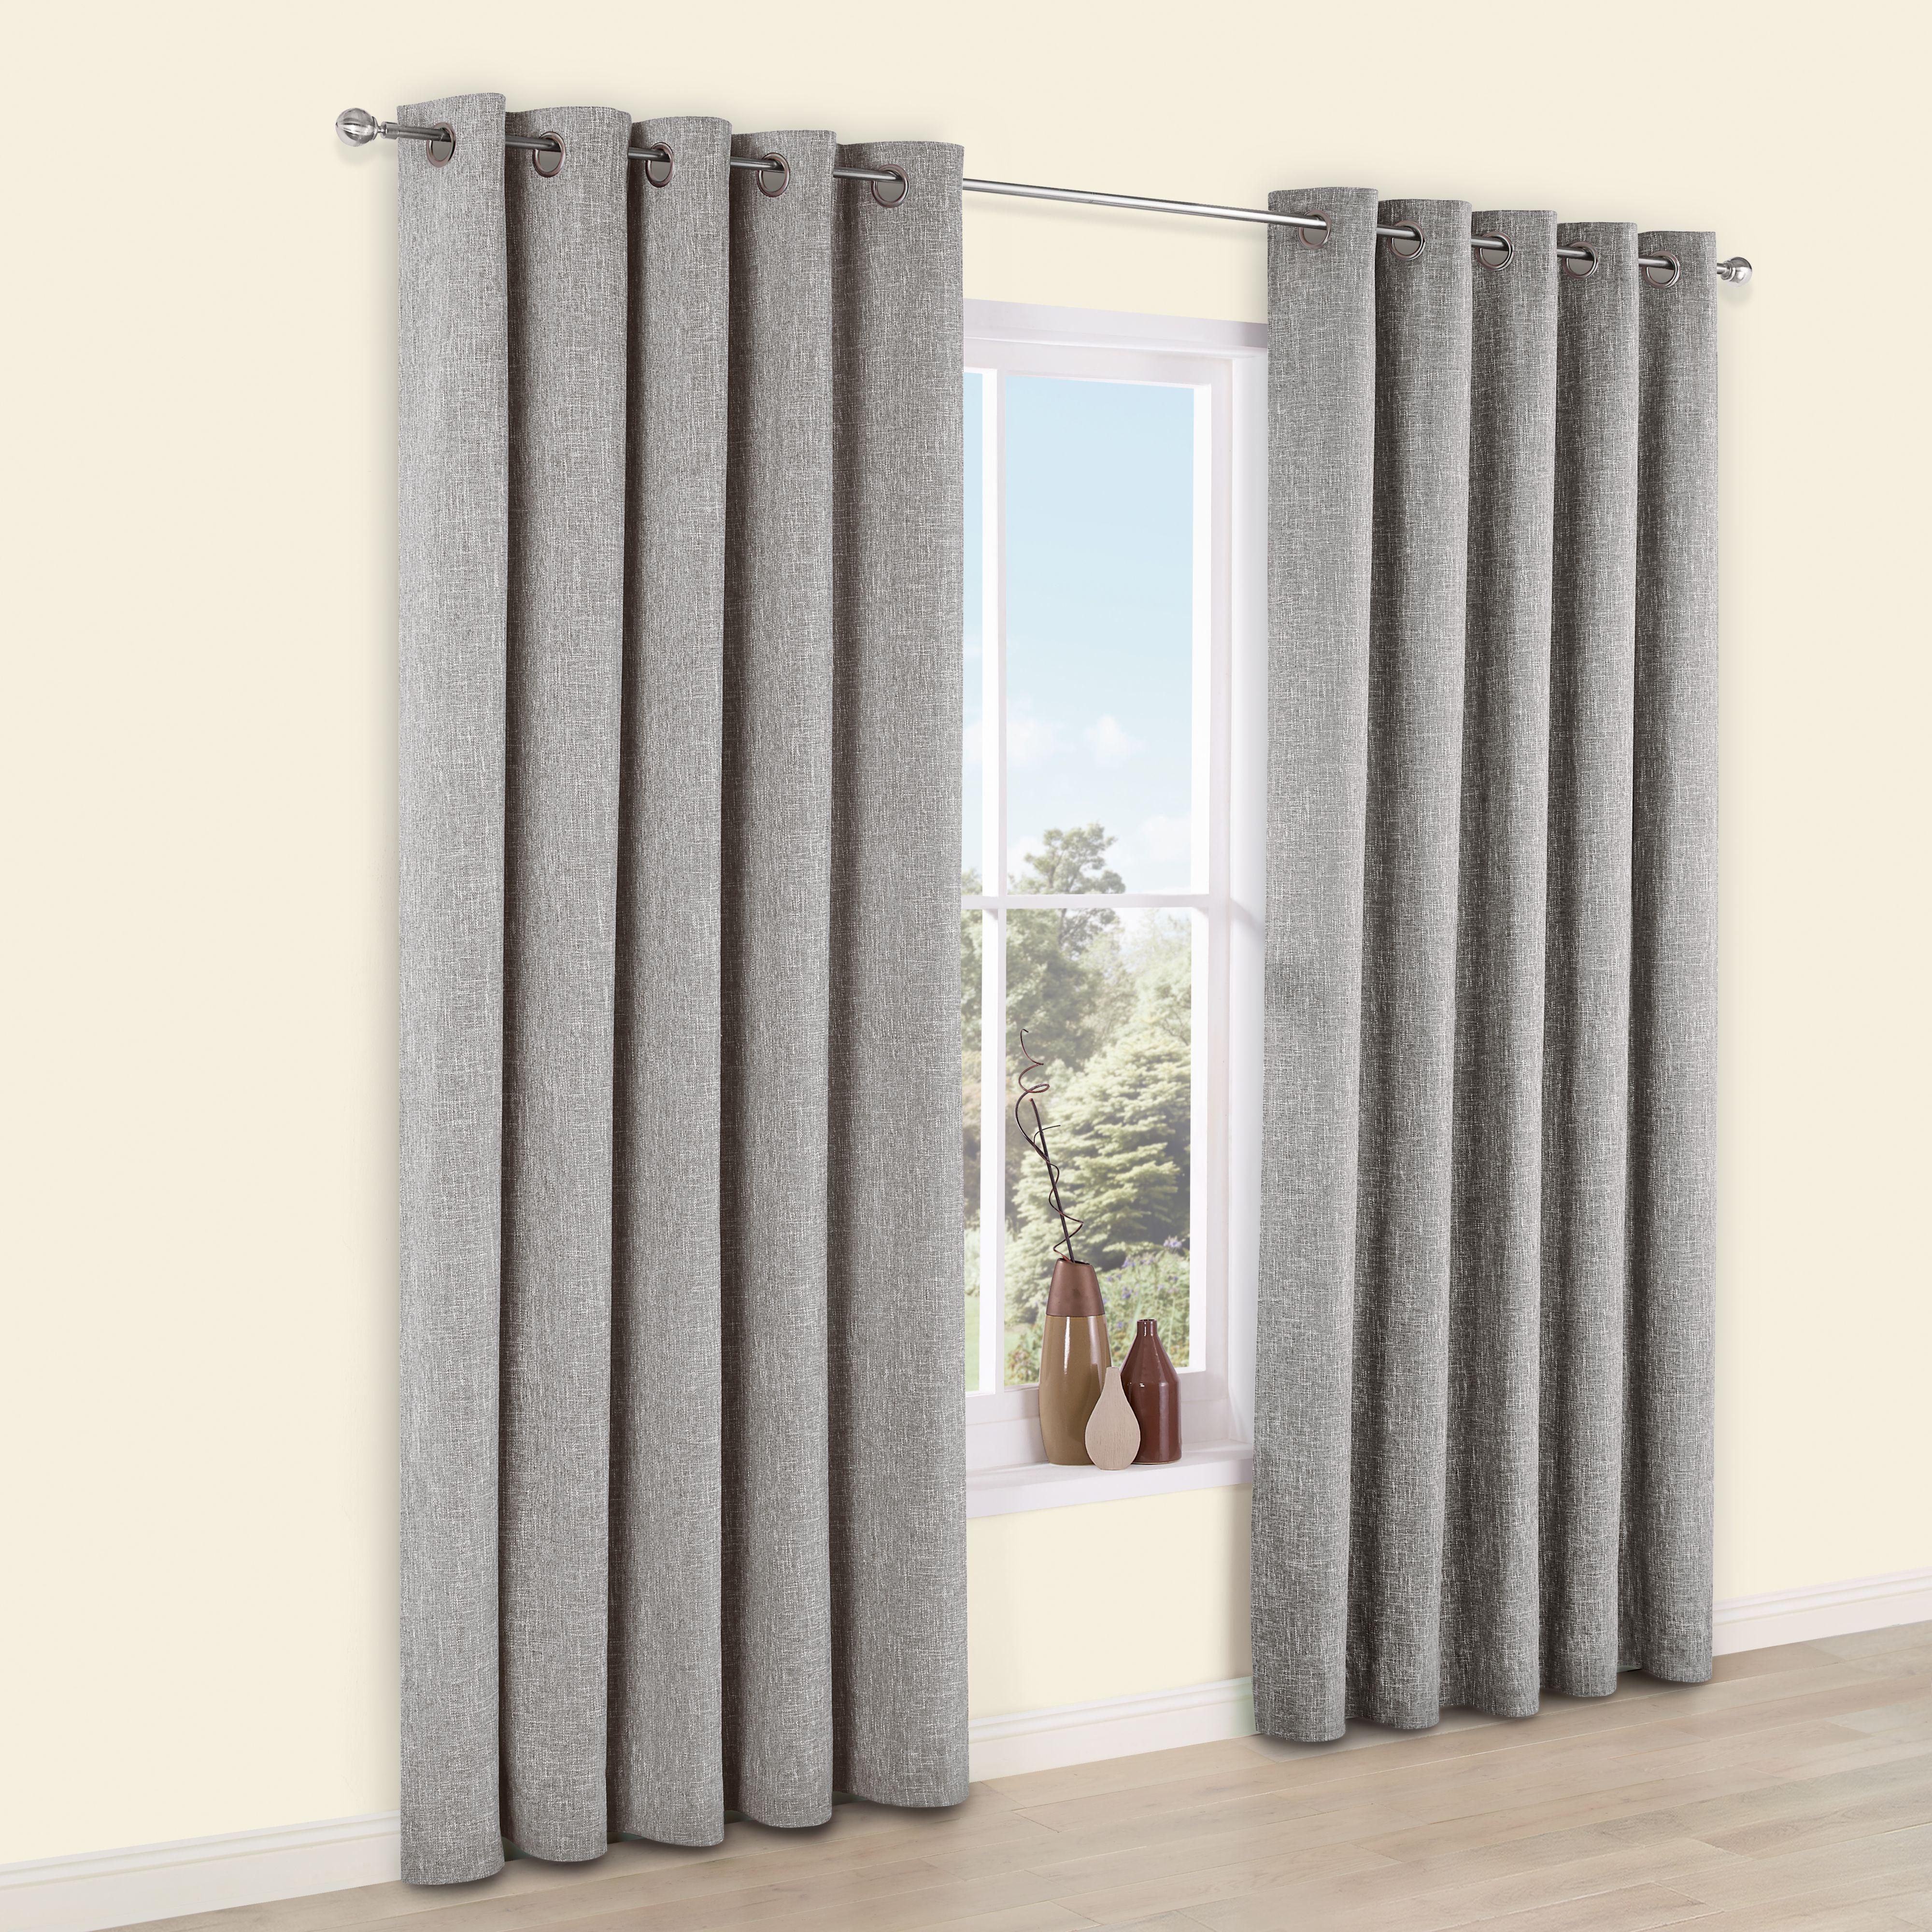 Thornbury Grey Chenille Eyelet Lined Curtains (W)228cm (L)228cm |  Departments | DIY At Bu0026Q